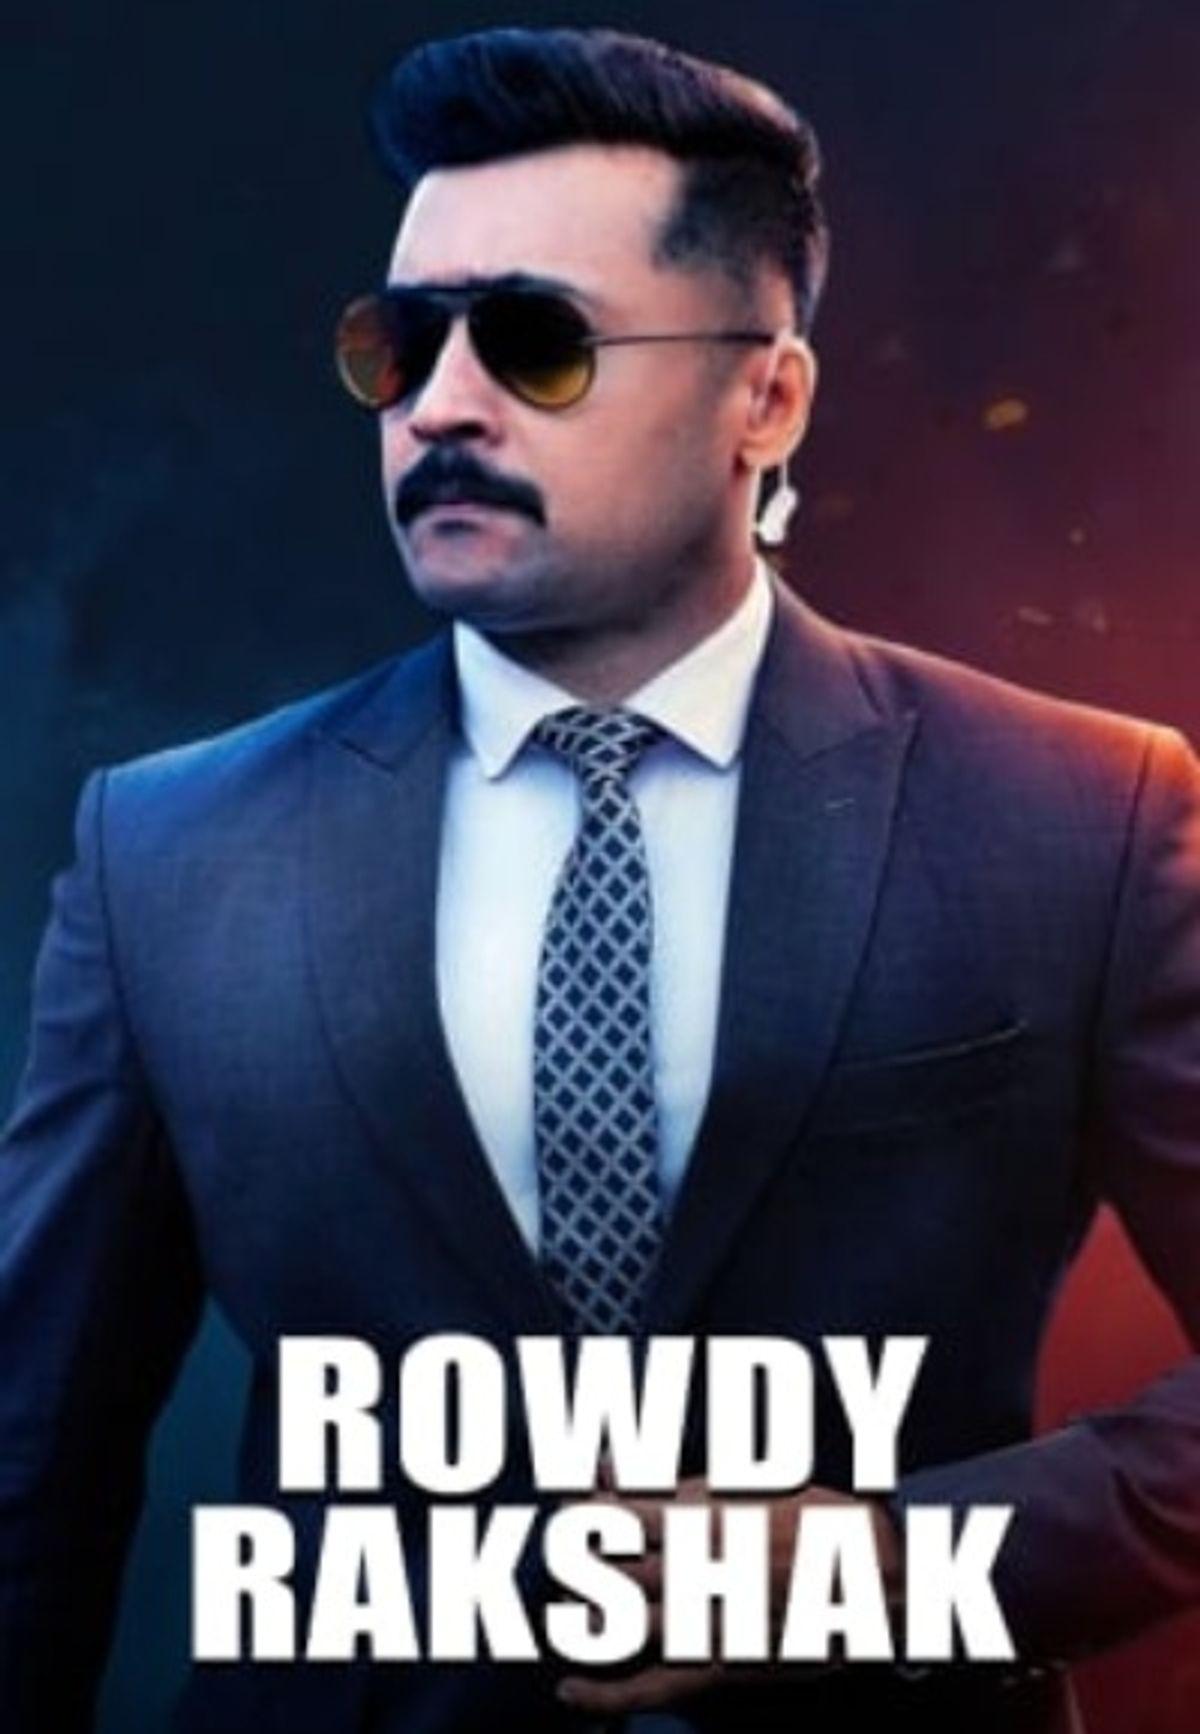 Rowdy Rakshak